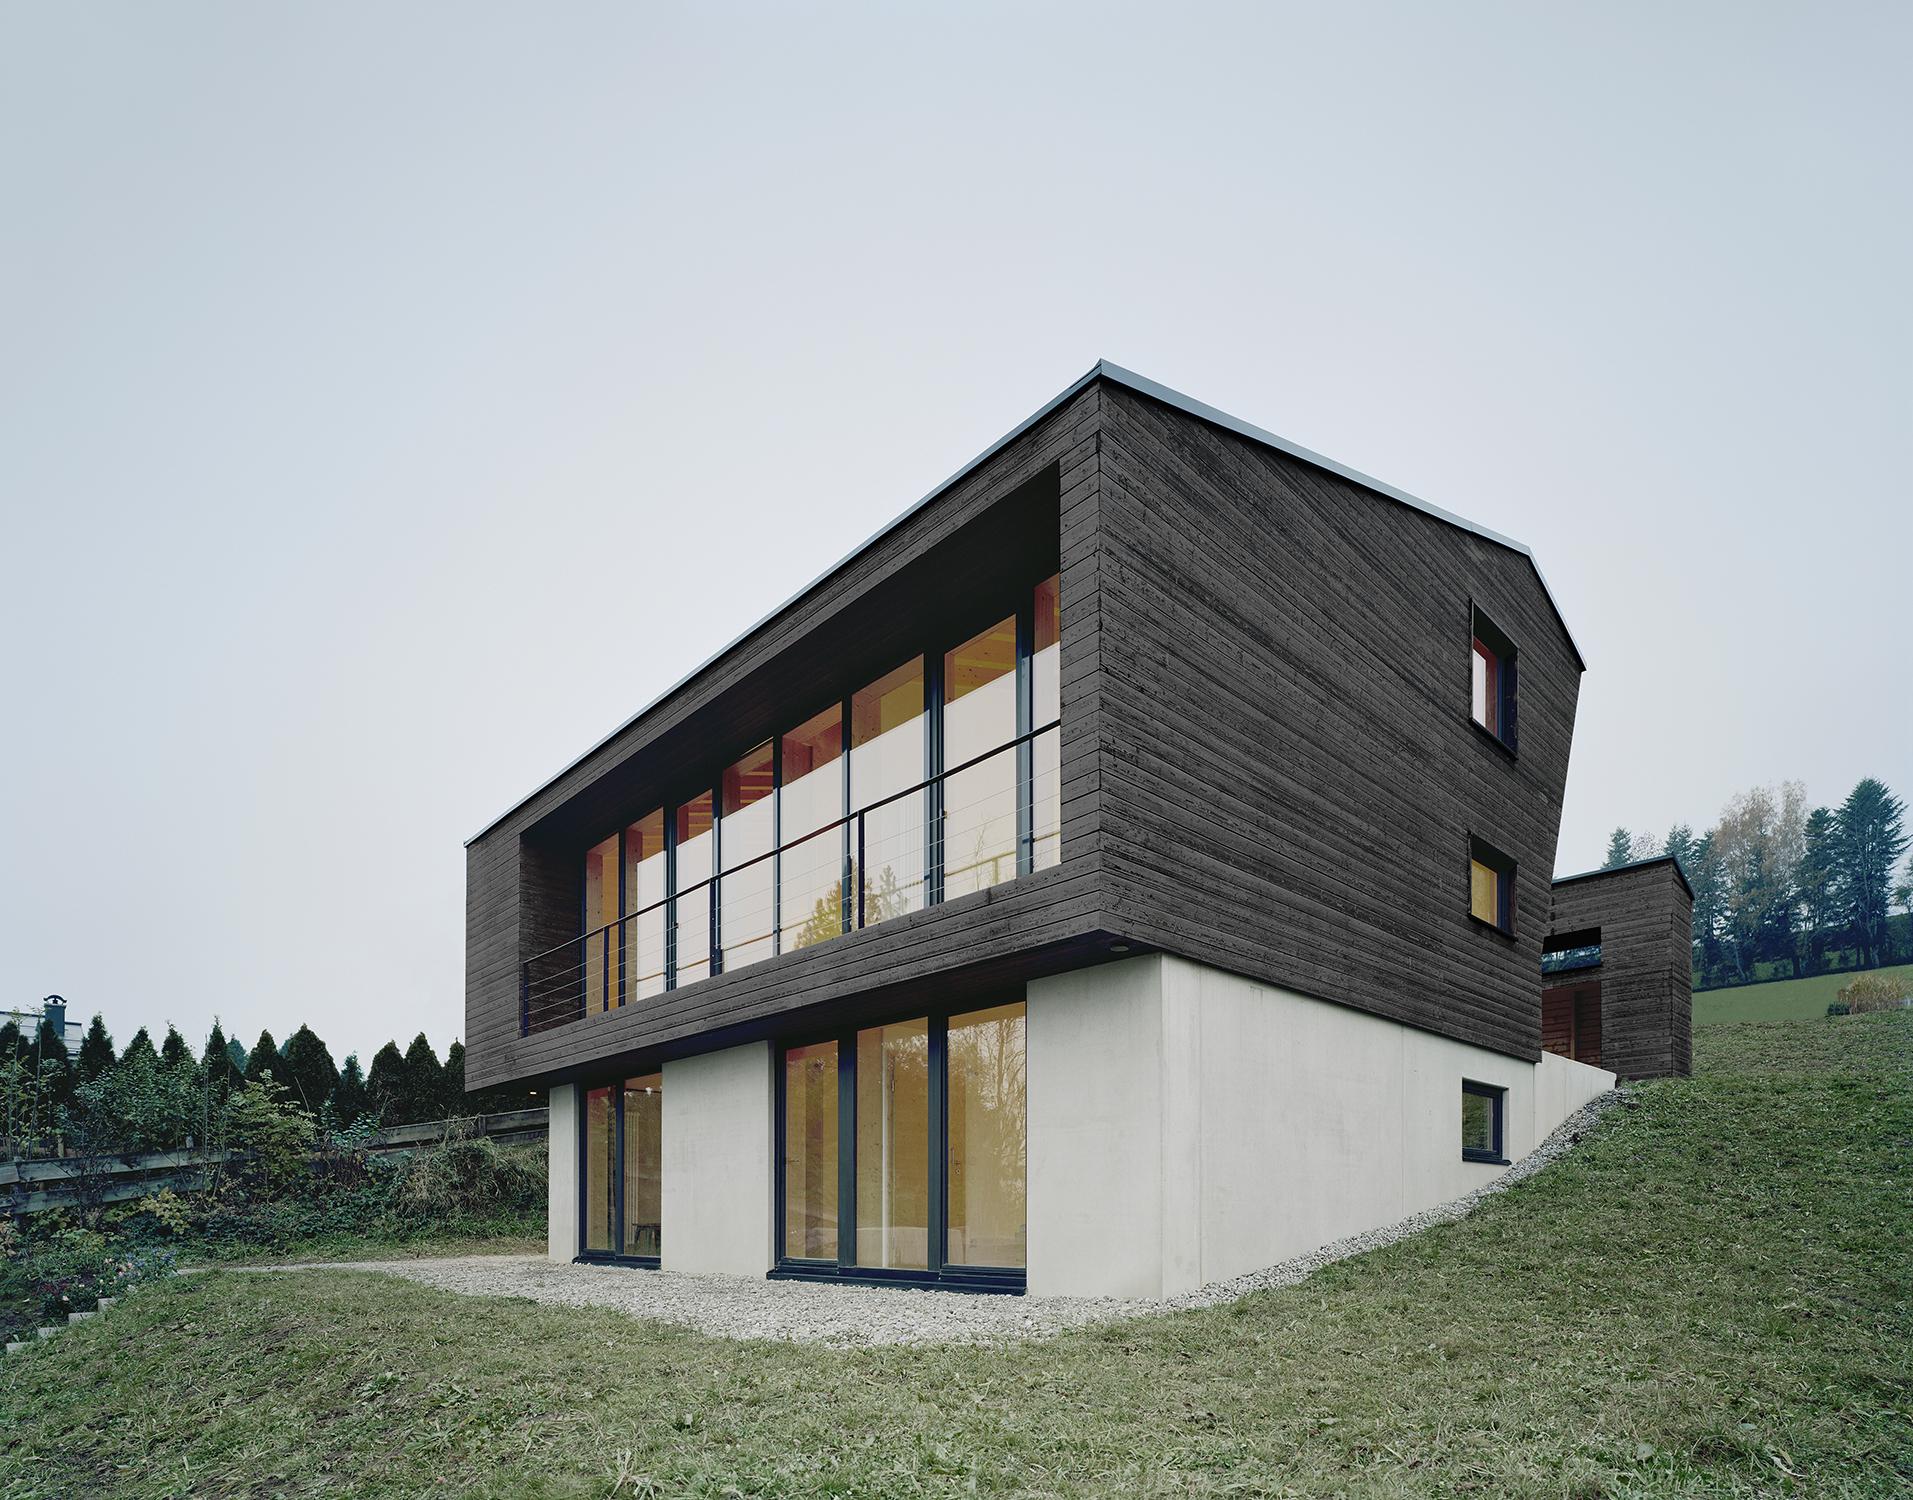 Architektur Und Design Of Gallery Of House P Yonder Architektur Und Design 4